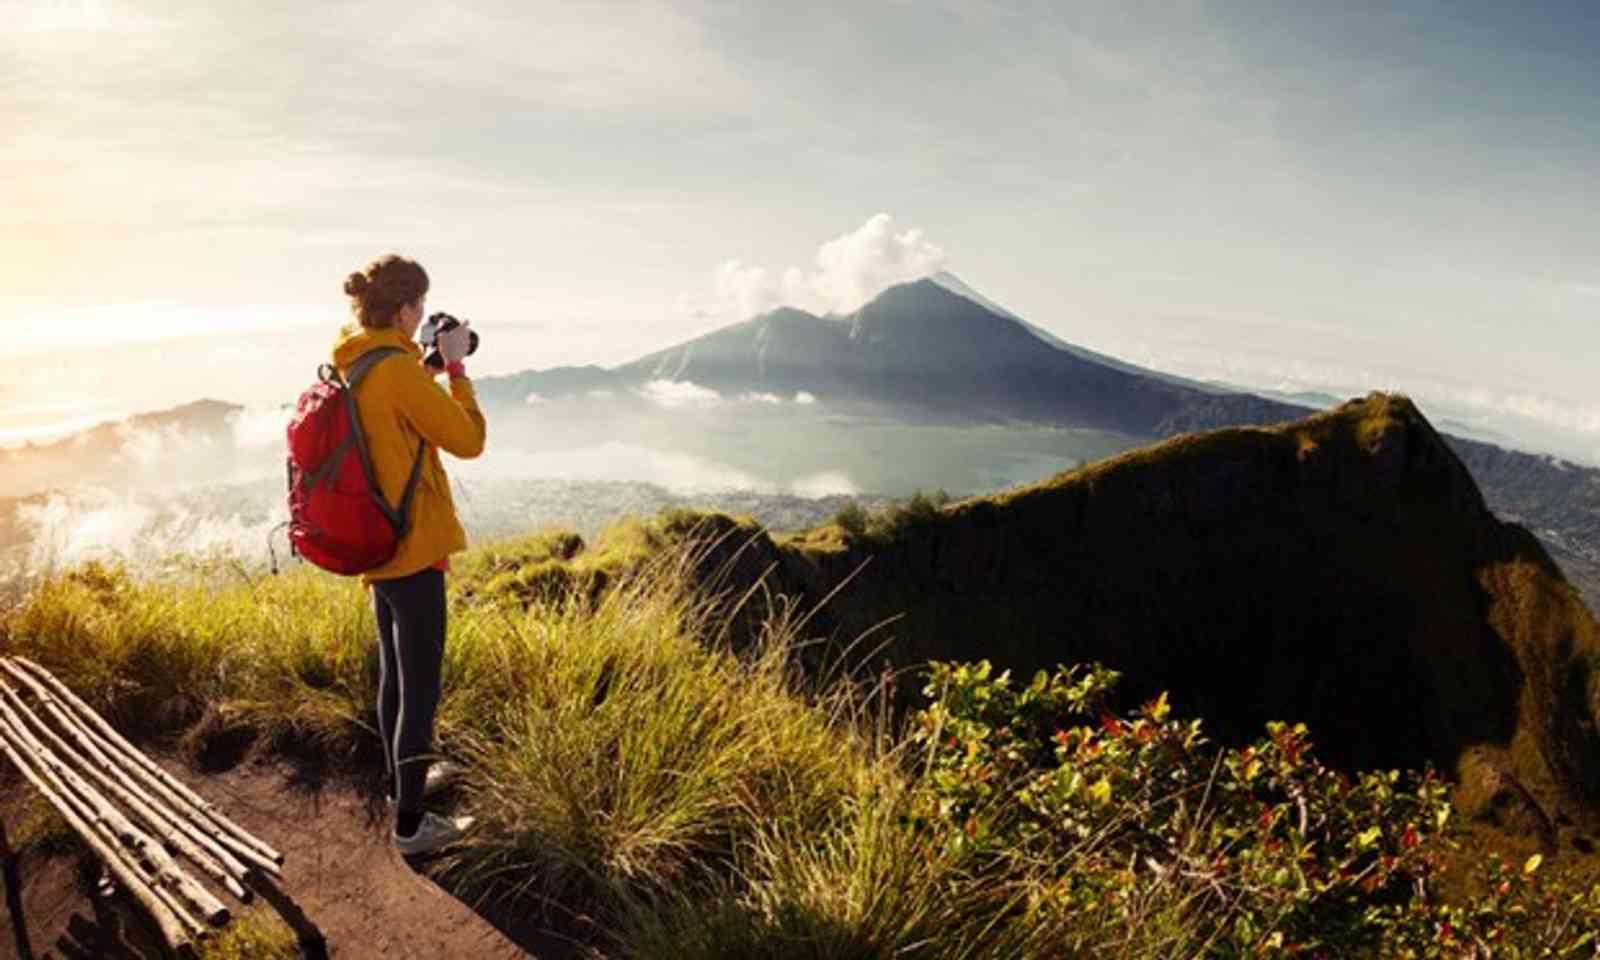 Hiker travel photographer (Shutterstock.com)